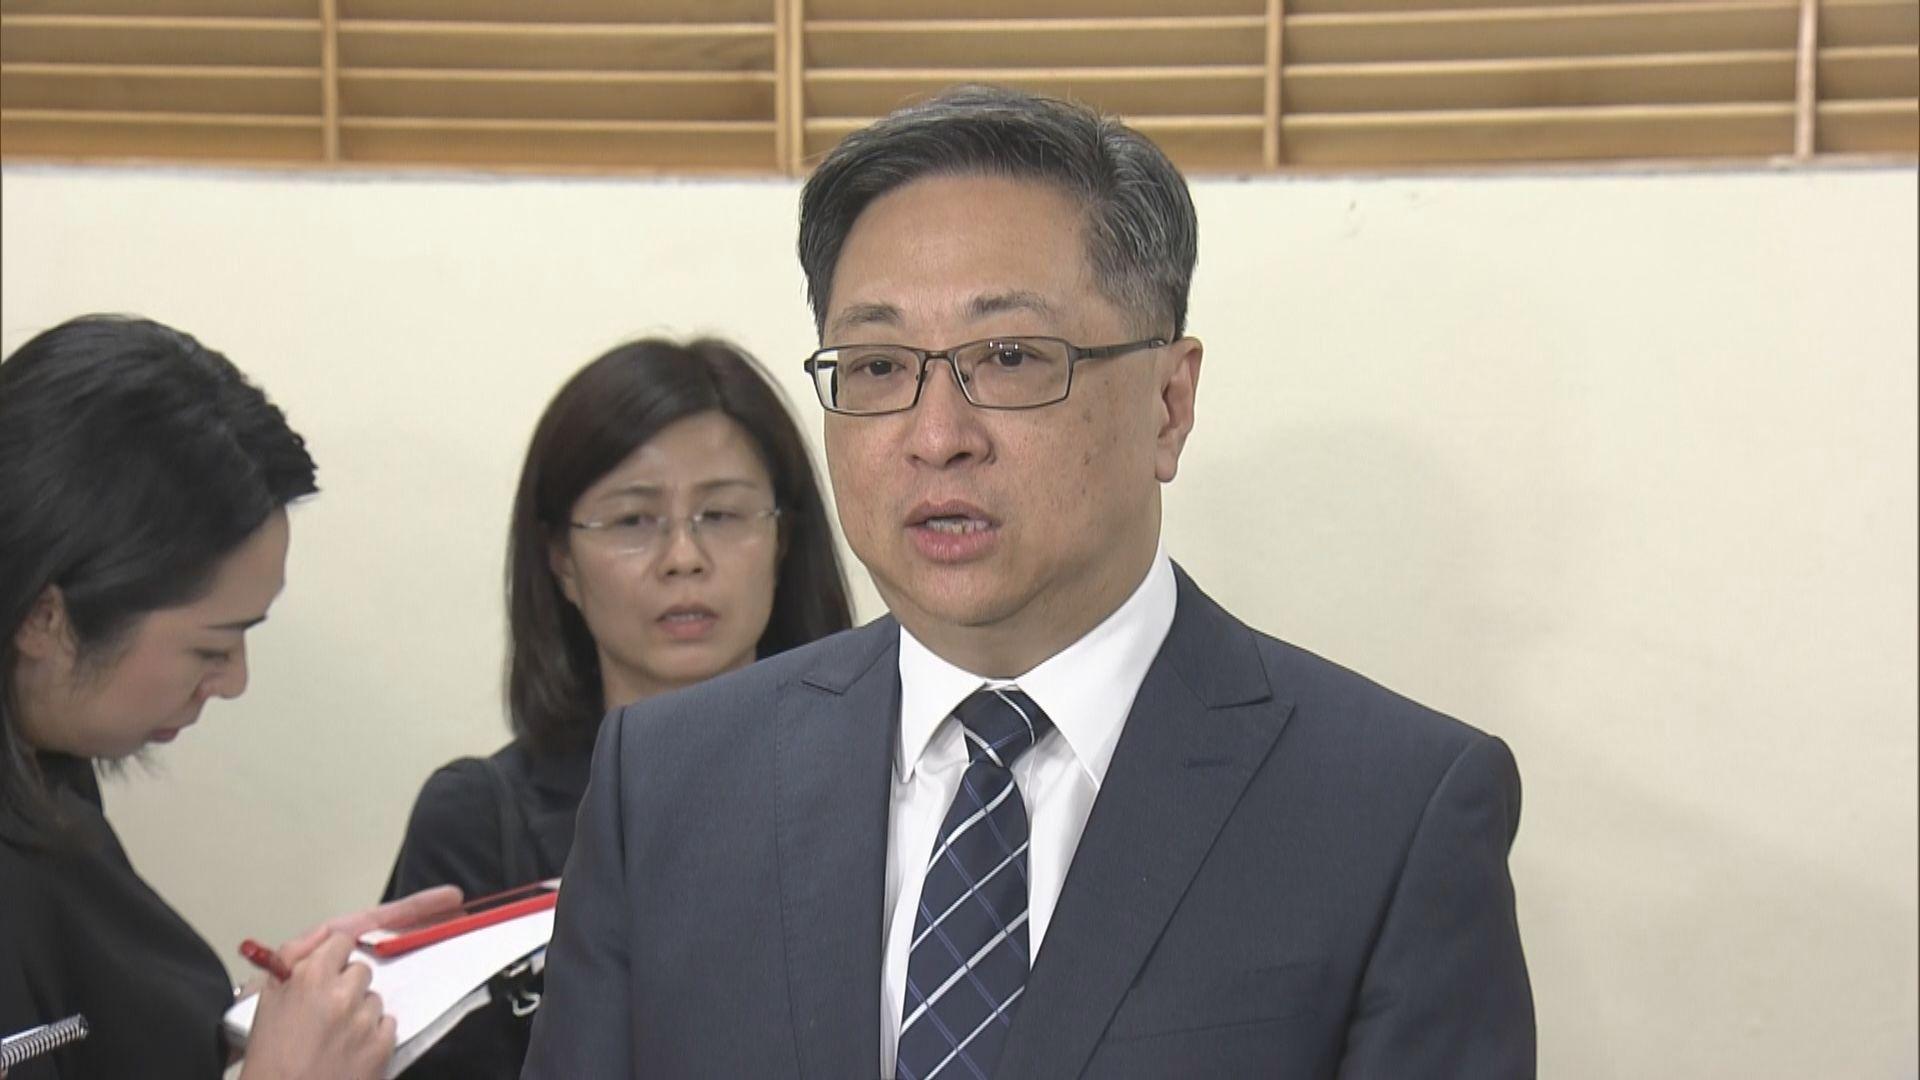 盧偉聰:懷疑資料被竊用可向警方報案